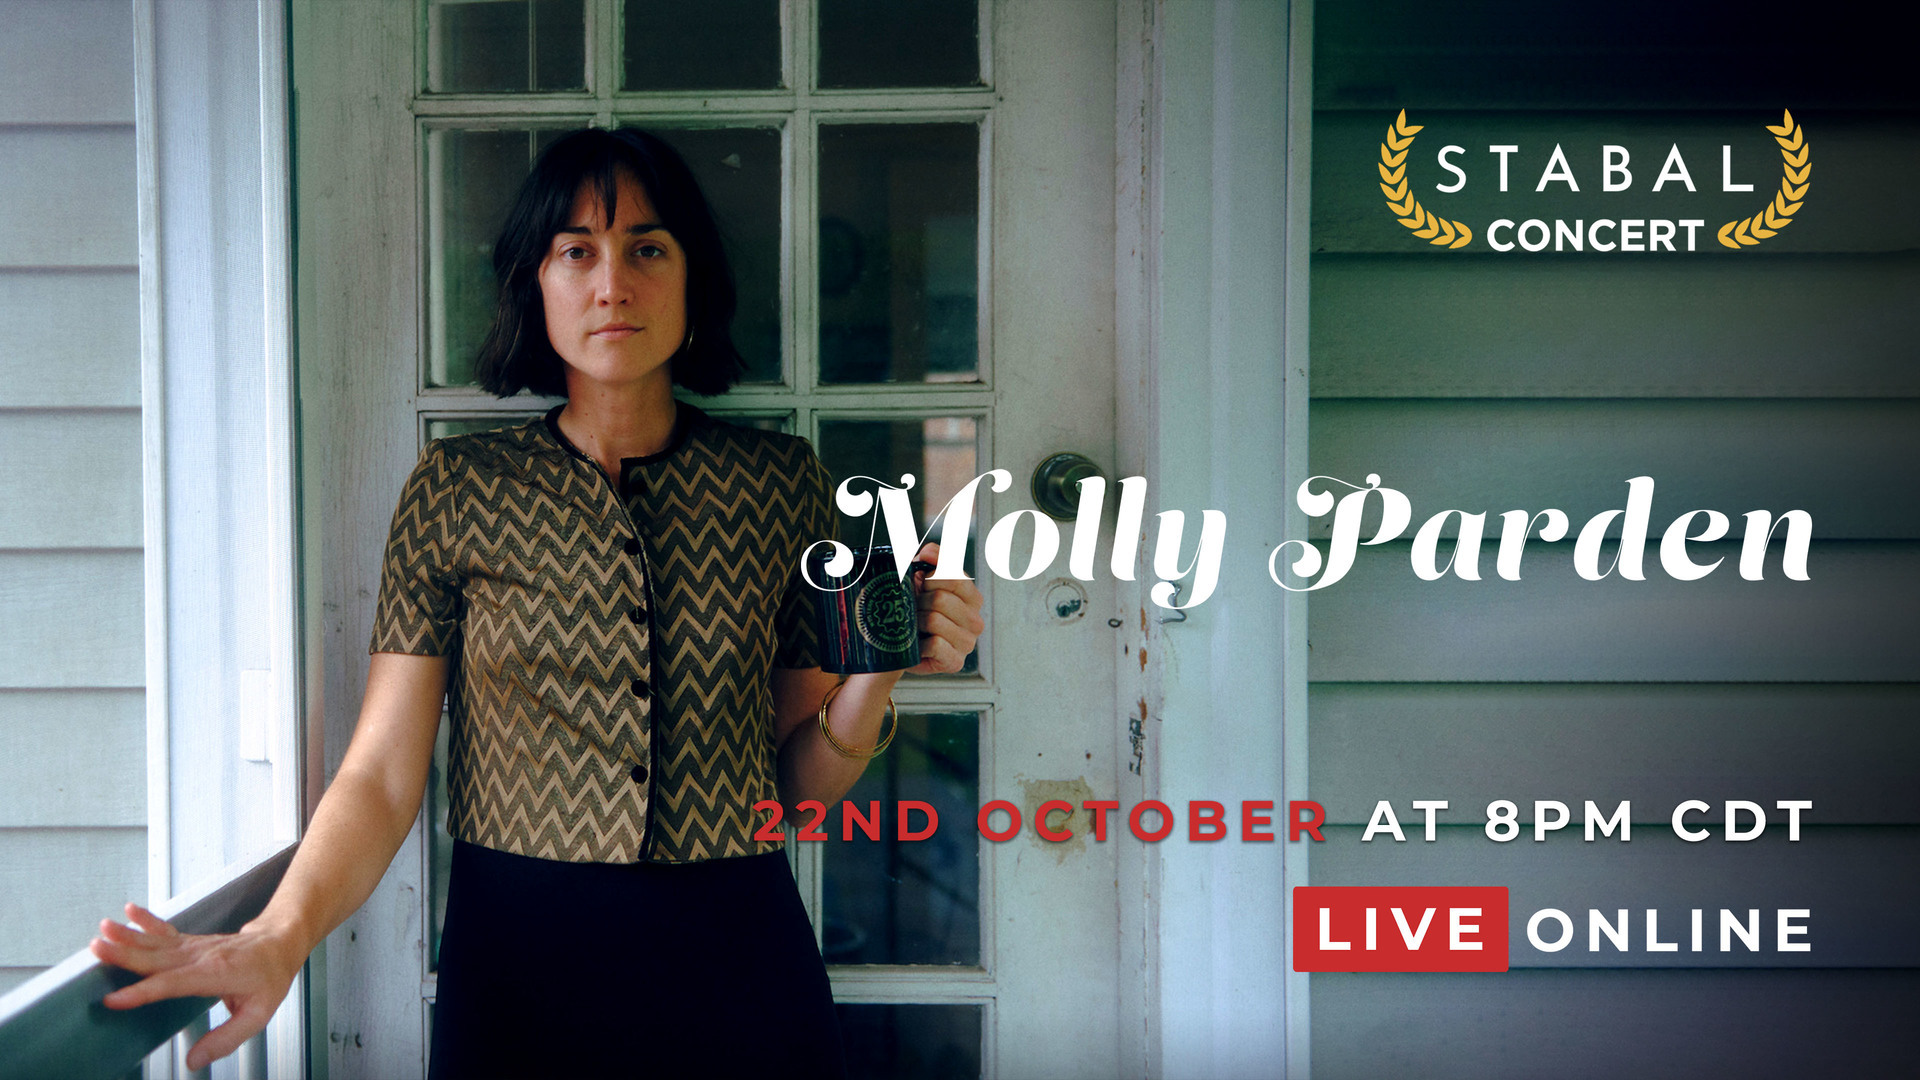 ★ Molly Parden: Live Online Stabal Nashville ★ October 22nd 2020 // 8.00PM CDT